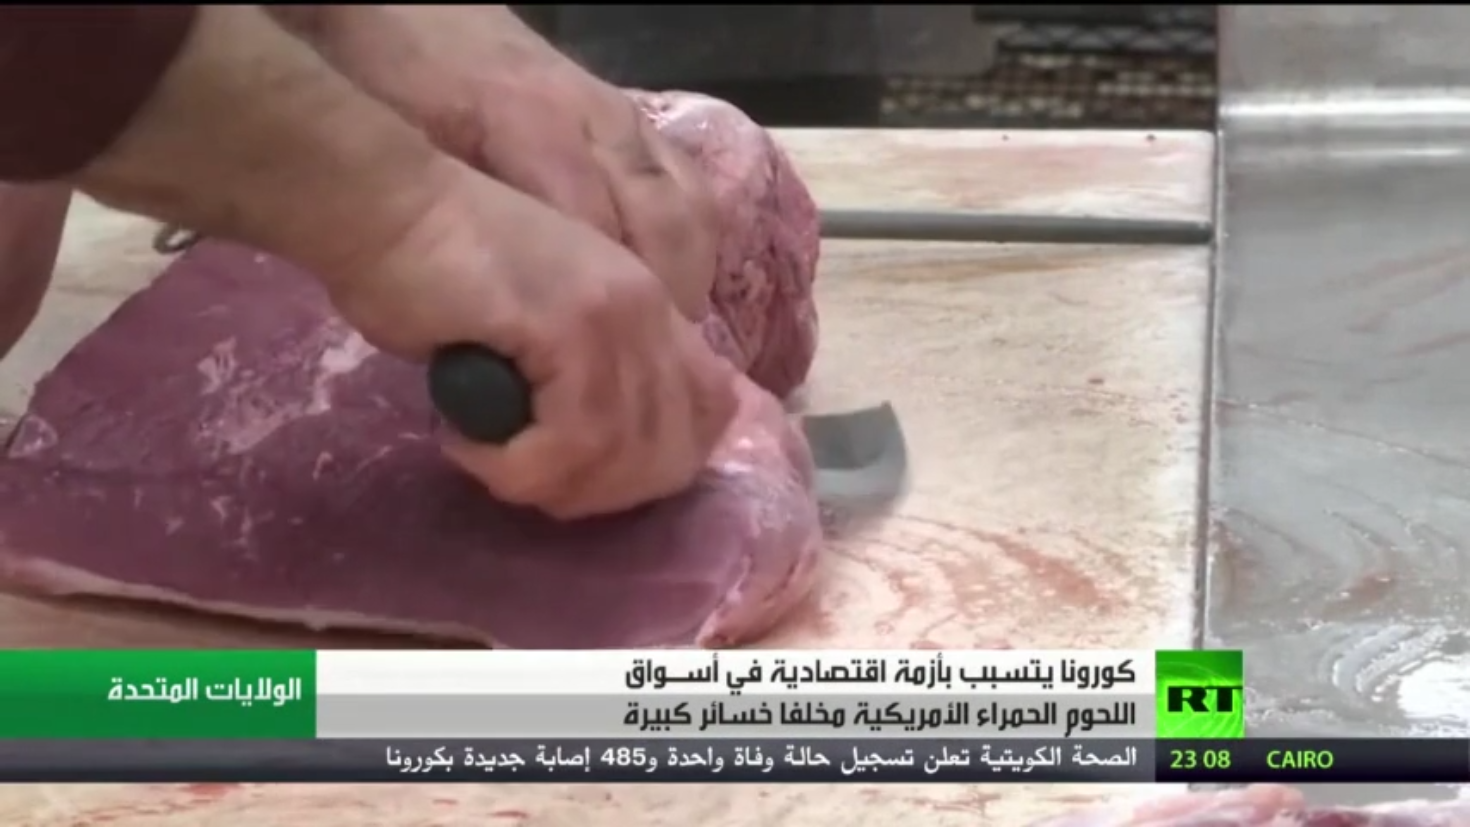 كورونا يعطل مصانع اللحوم في الولايات المتحدة